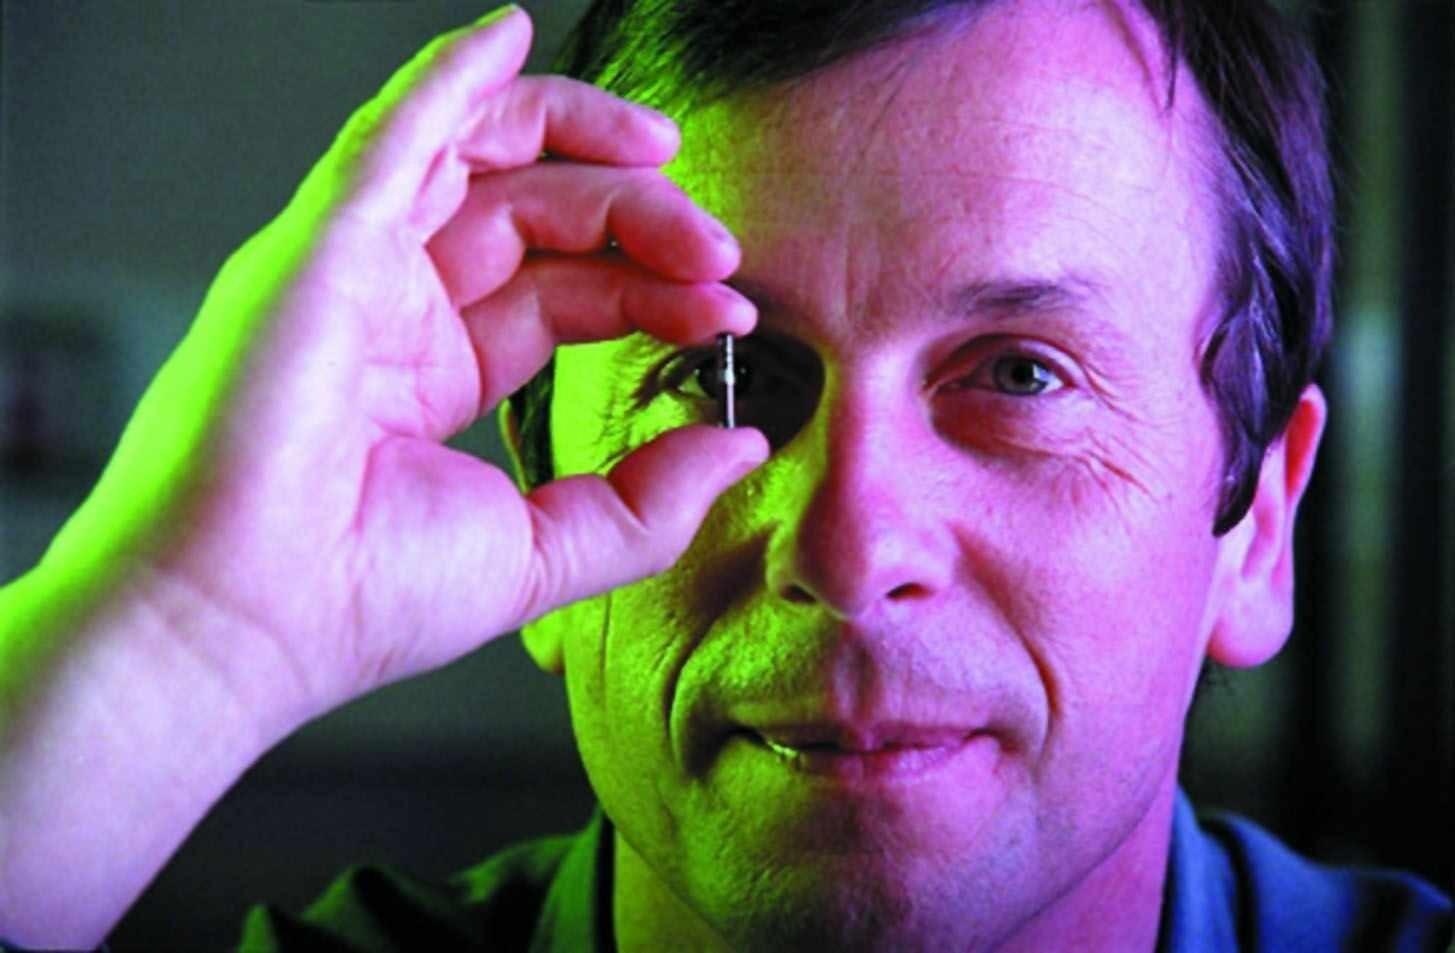 Kevin Warwick s čipem podobným tomu, který měl v paži